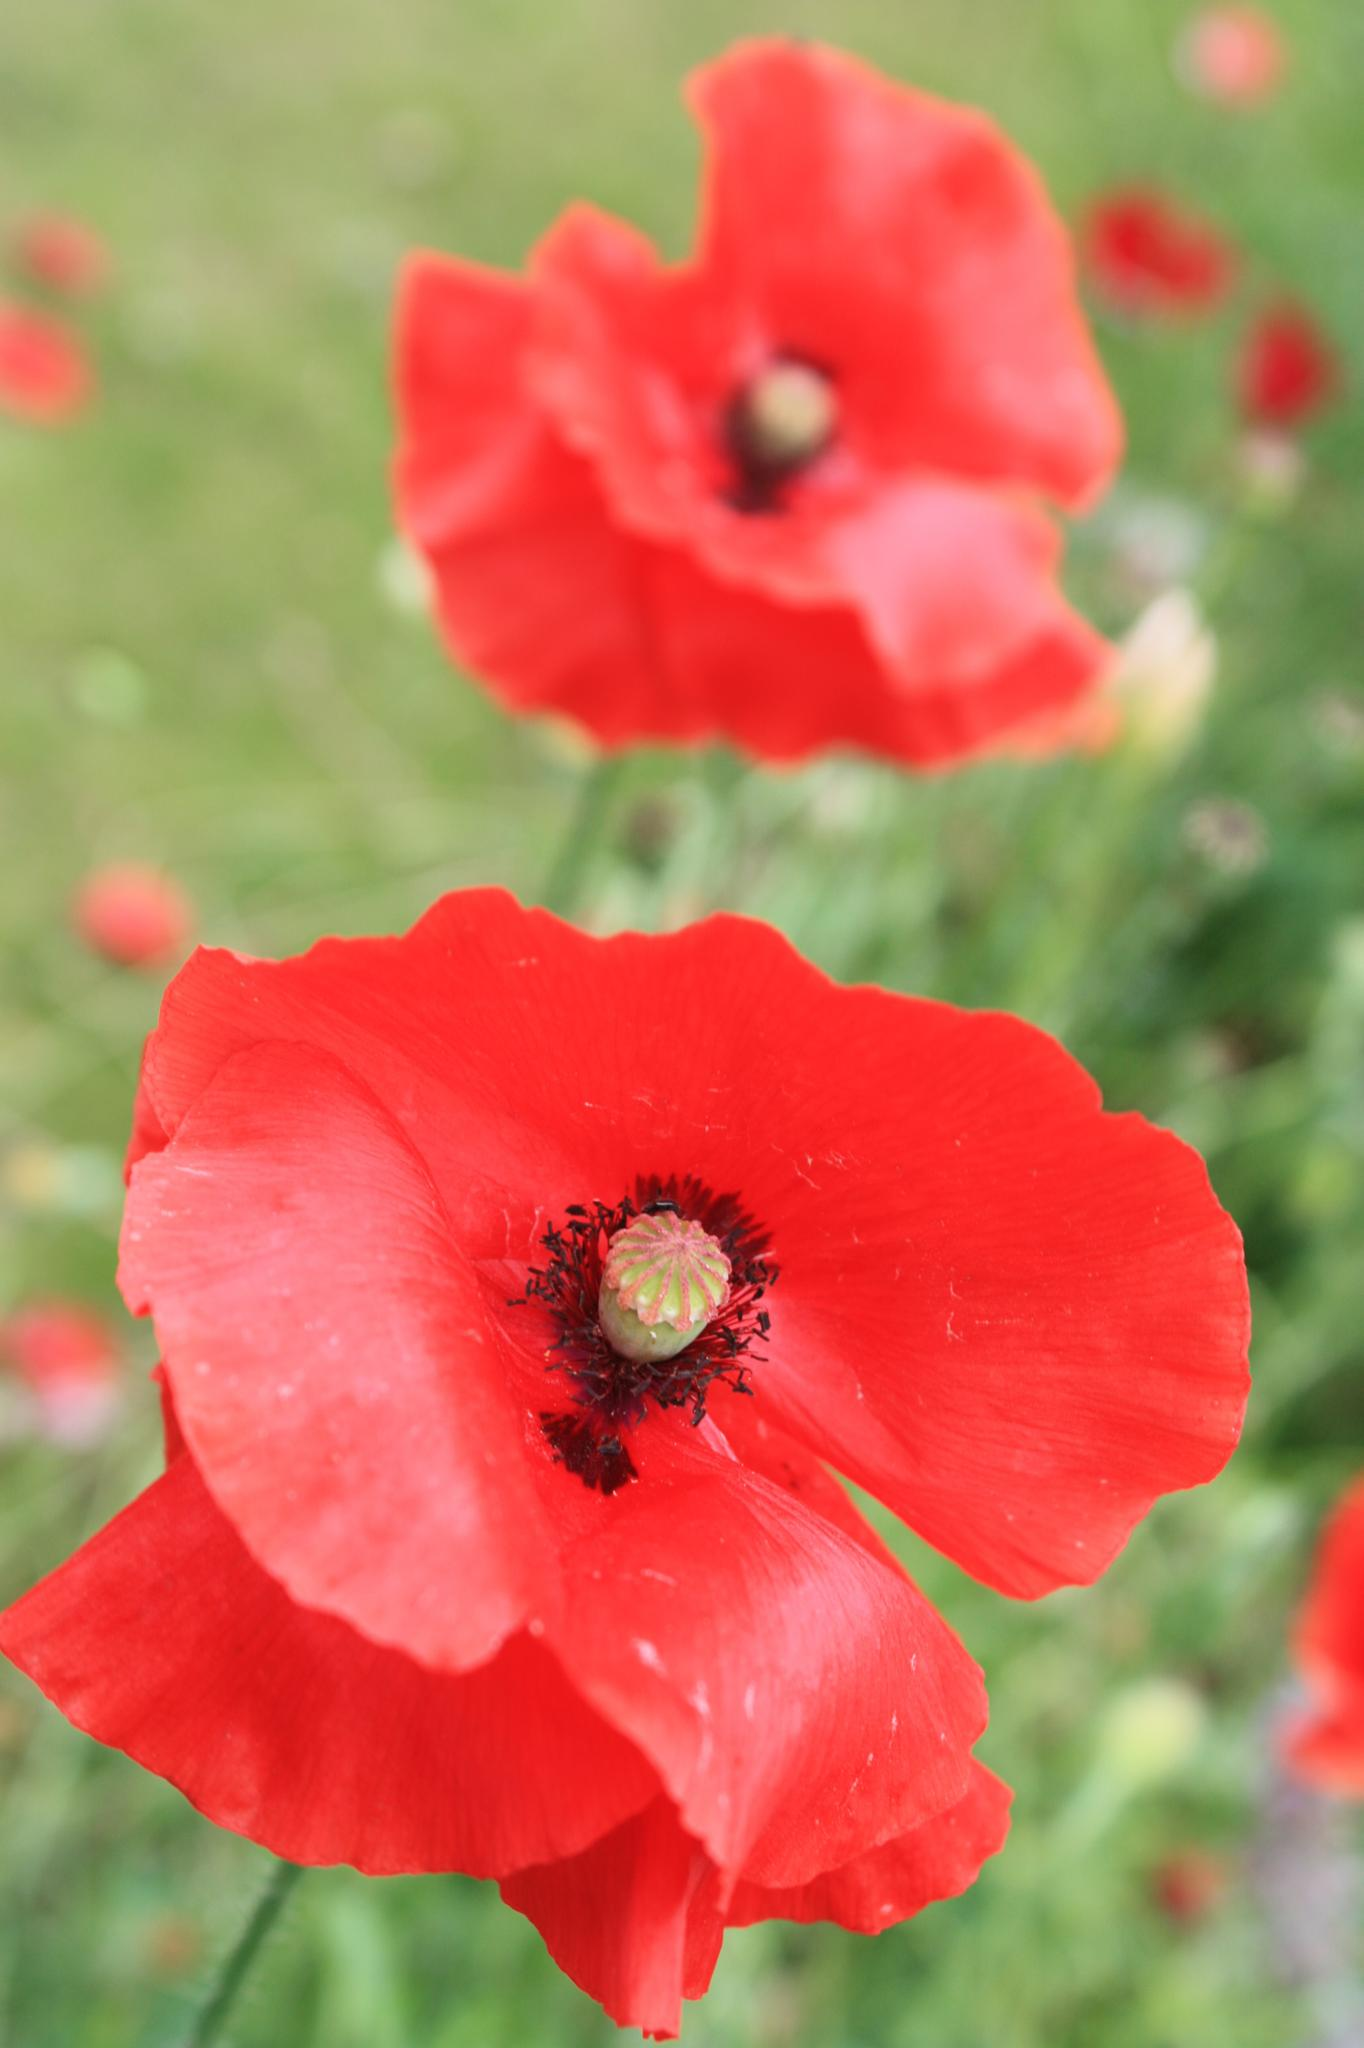 poppy pair by stephencdickson